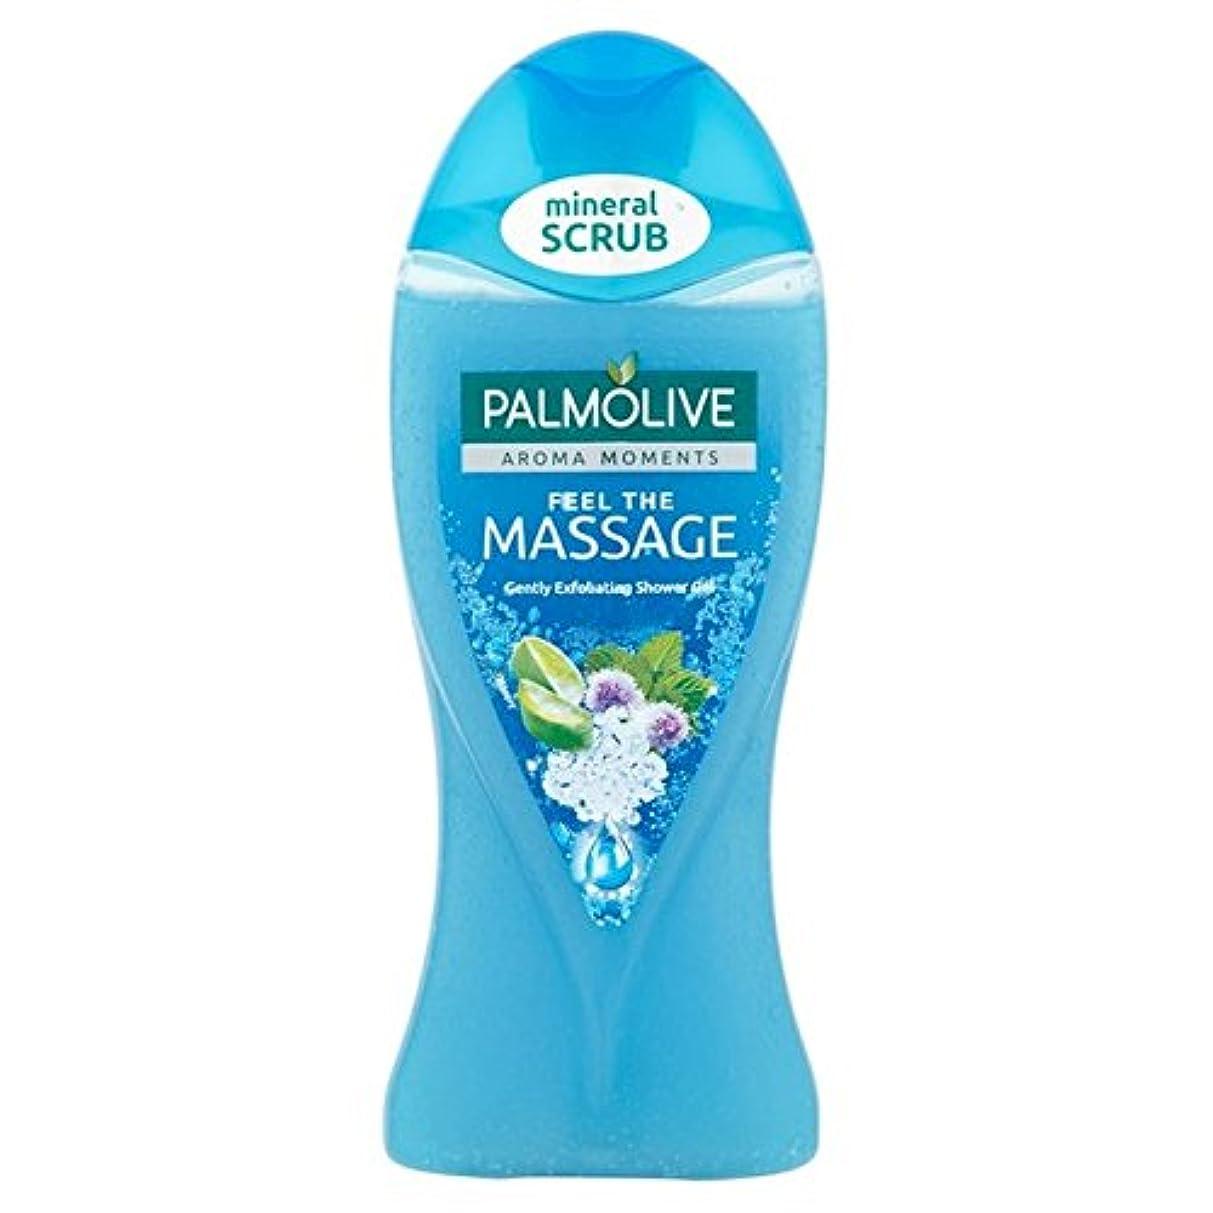 スペアマルクス主義者呼びかけるPalmolive Shower Gel Massage 250ml - パルモシャワージェルマッサージ250ミリリットル [並行輸入品]